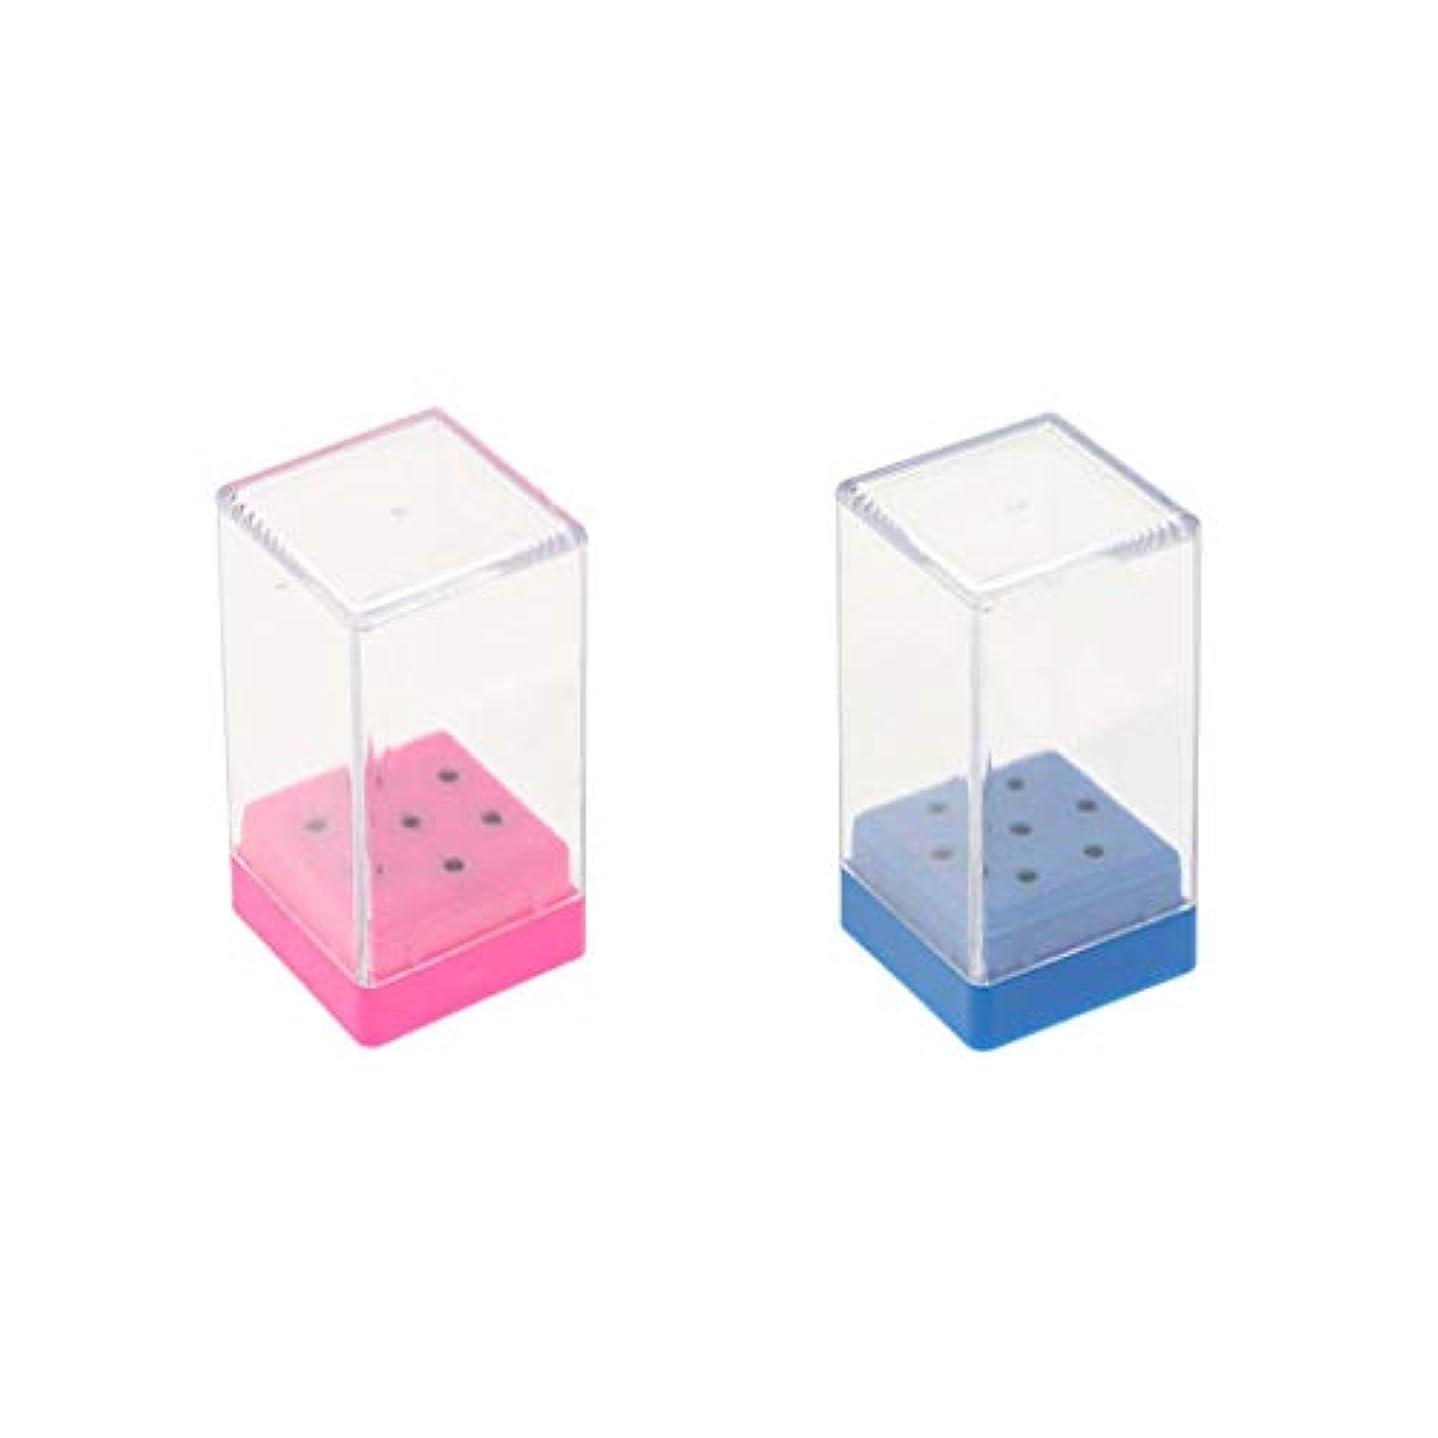 差し引く偏差安いですHellery ミニサイズ ネイルドリルビットホルダー 透明 プラスチックカバー付き 2ピース